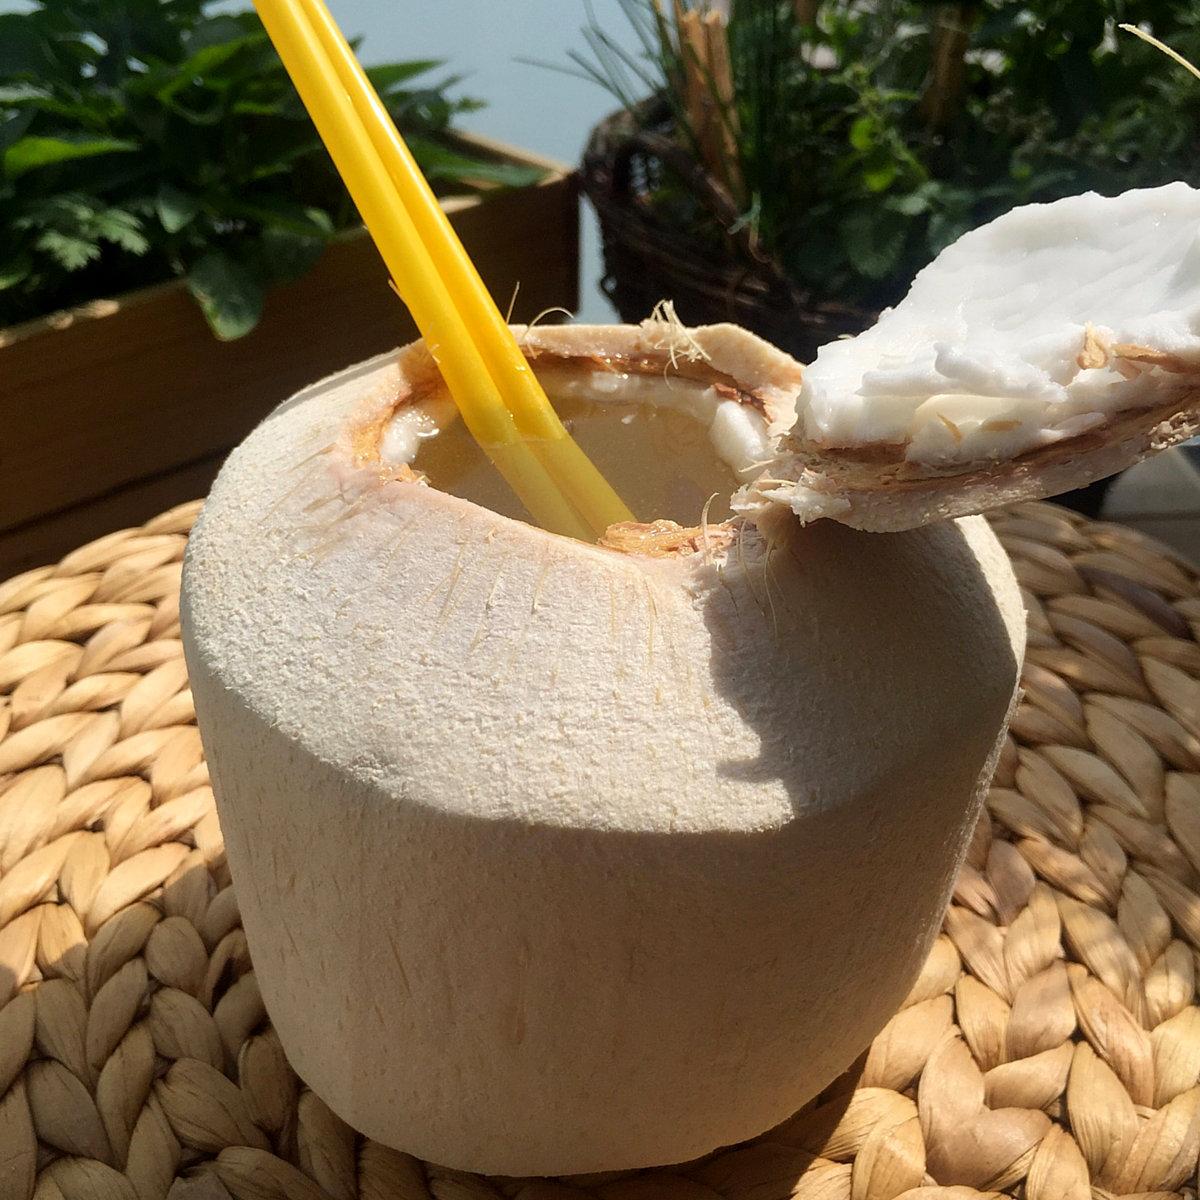 Na Jarné Vegánske Hody 2020 pre Vás pripravíme obľúbený Jackfruit HotDog, na osvieženie mladé kokosy a ako vitálny snack budeme mať pre Vás pripravené delikátne naturálne sušené ovocie. Tešíme sa na Vás :)